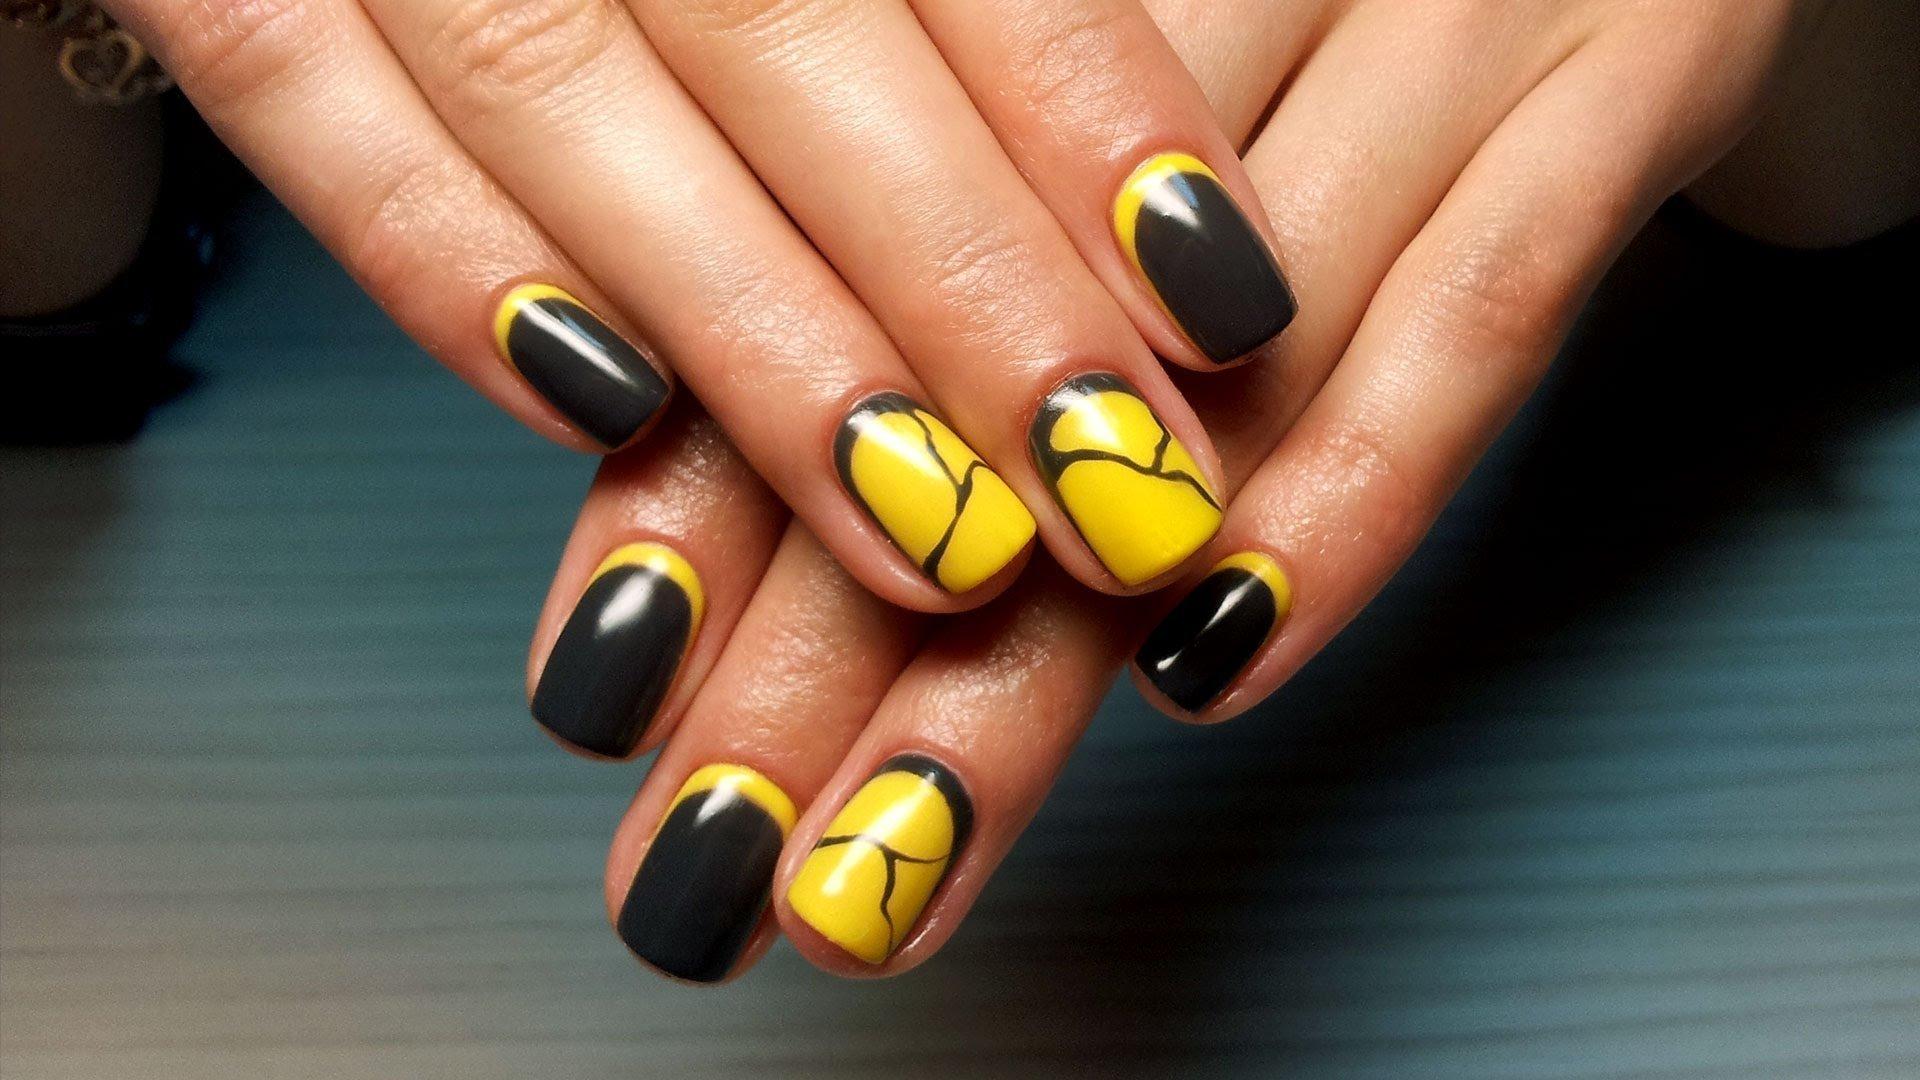 mramornyj-manikyur-foto_41 Мраморный маникюр: топ-8 стильных идей дизайна для ногтей